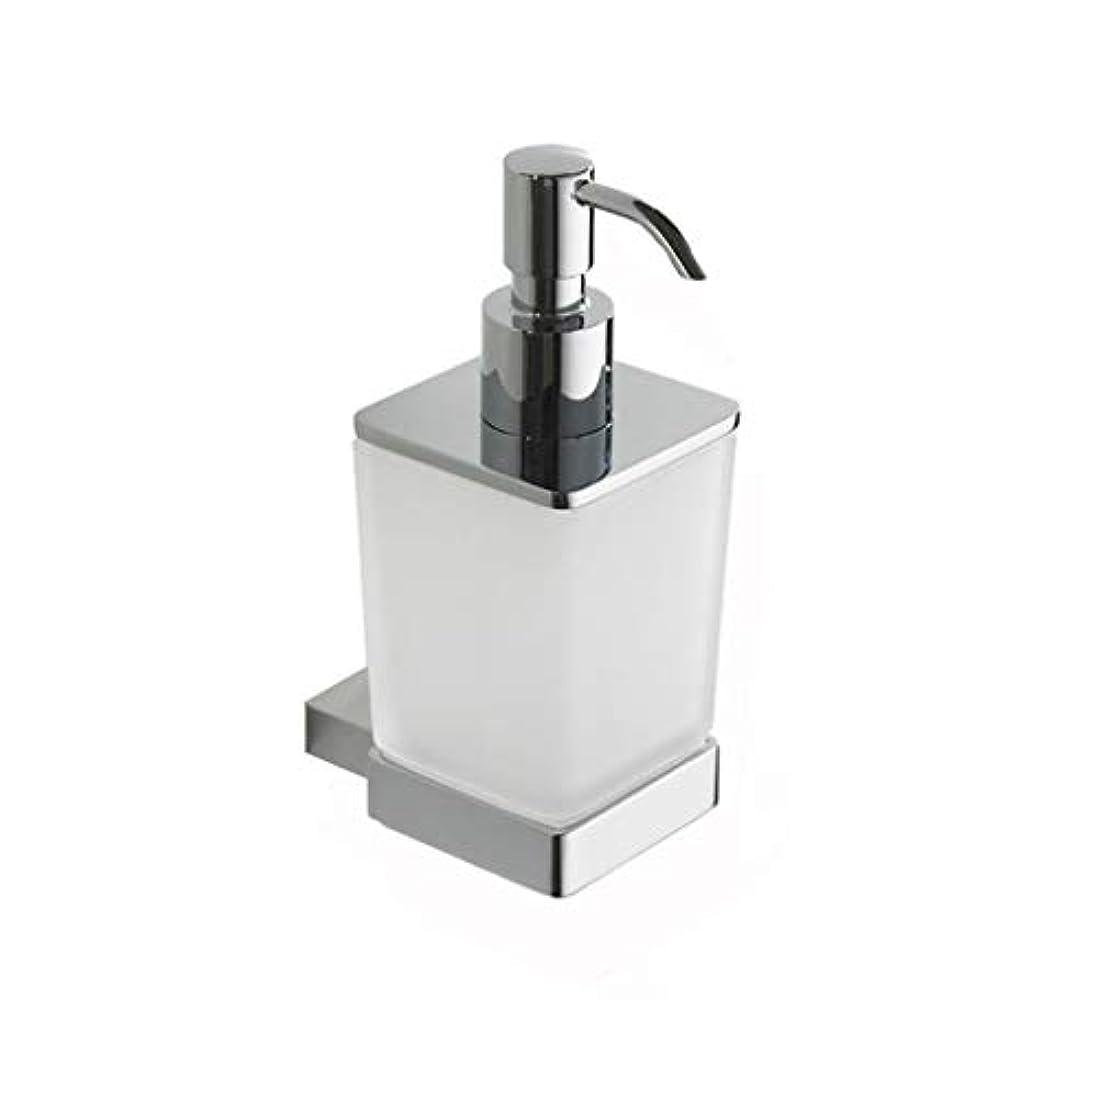 空虚ハンドブック技術的なKylinssh 、浴室のための金属の詰め替え式液体手の石鹸ディスペンサーポンプボトル - 安い、ディスカウント価格また手の消毒剤及び精油のために使用することができます